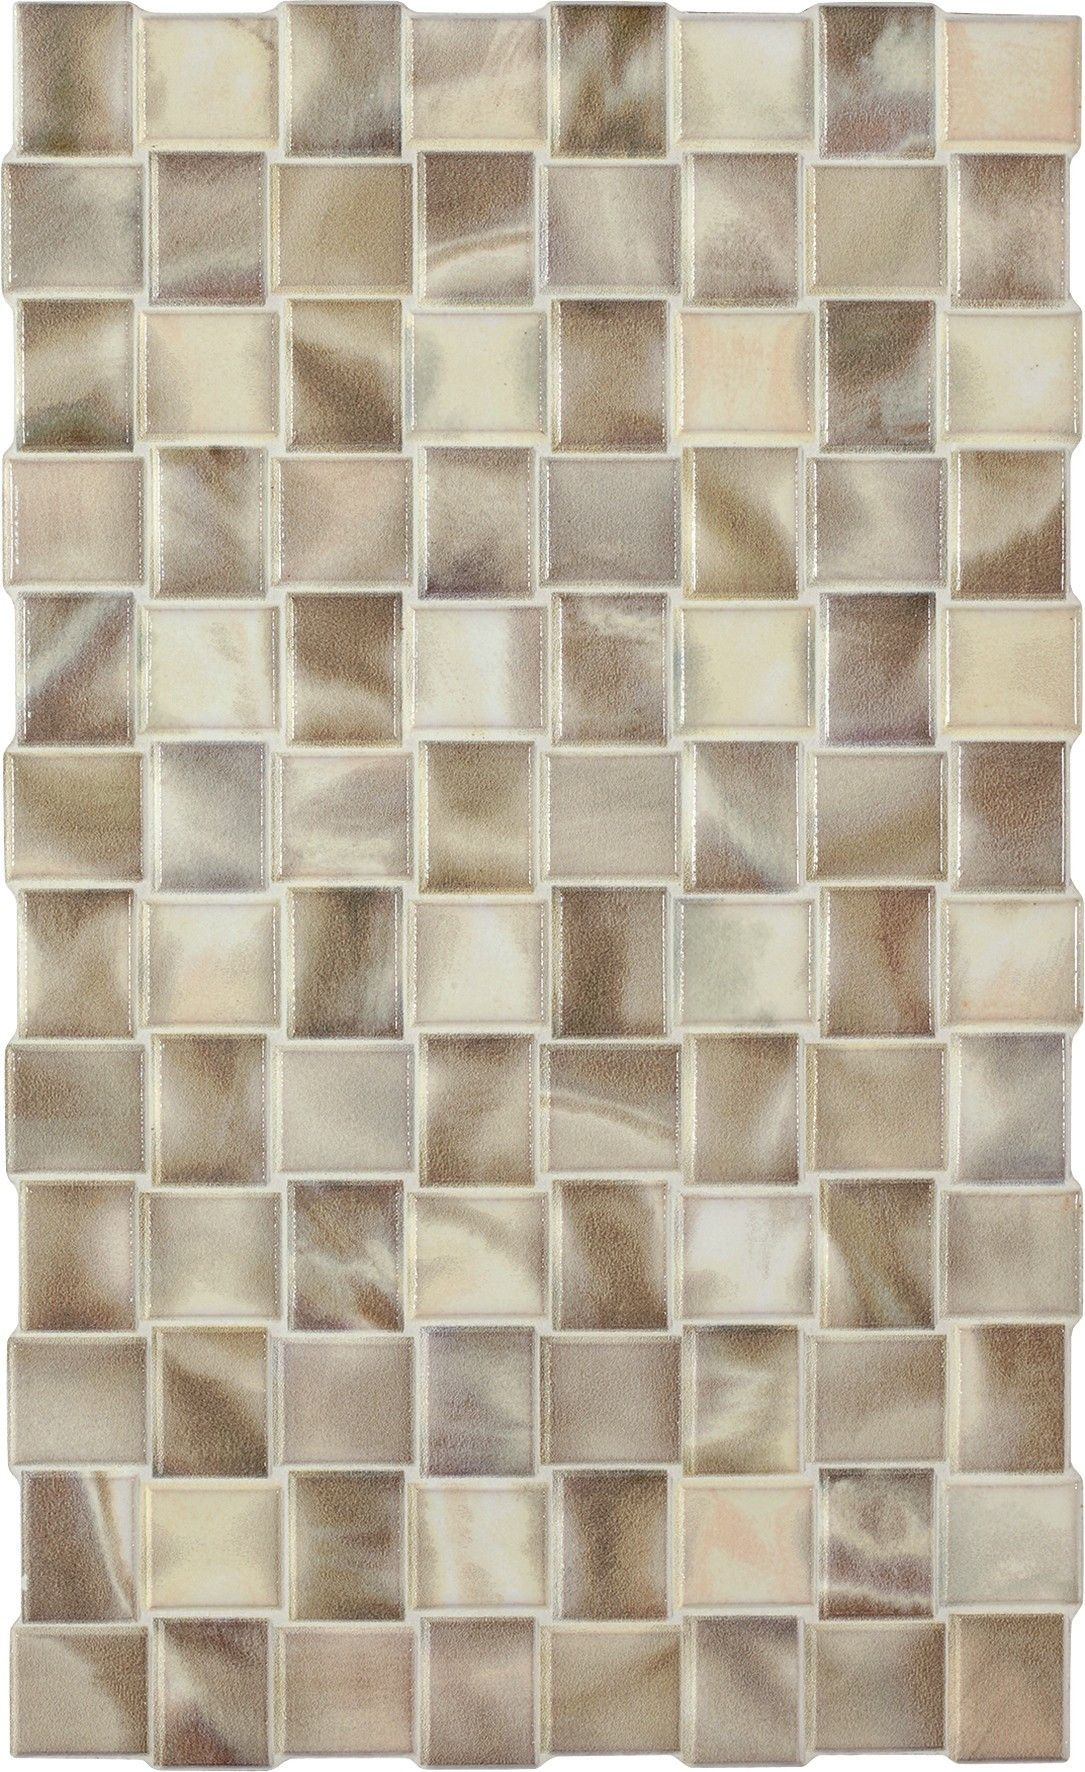 Dado tango beige 20x333 cm 302722 feinsteinzeug steinoptik dado tango beige 20x333 cm 302722 feinsteinzeug steinoptik doublecrazyfo Gallery